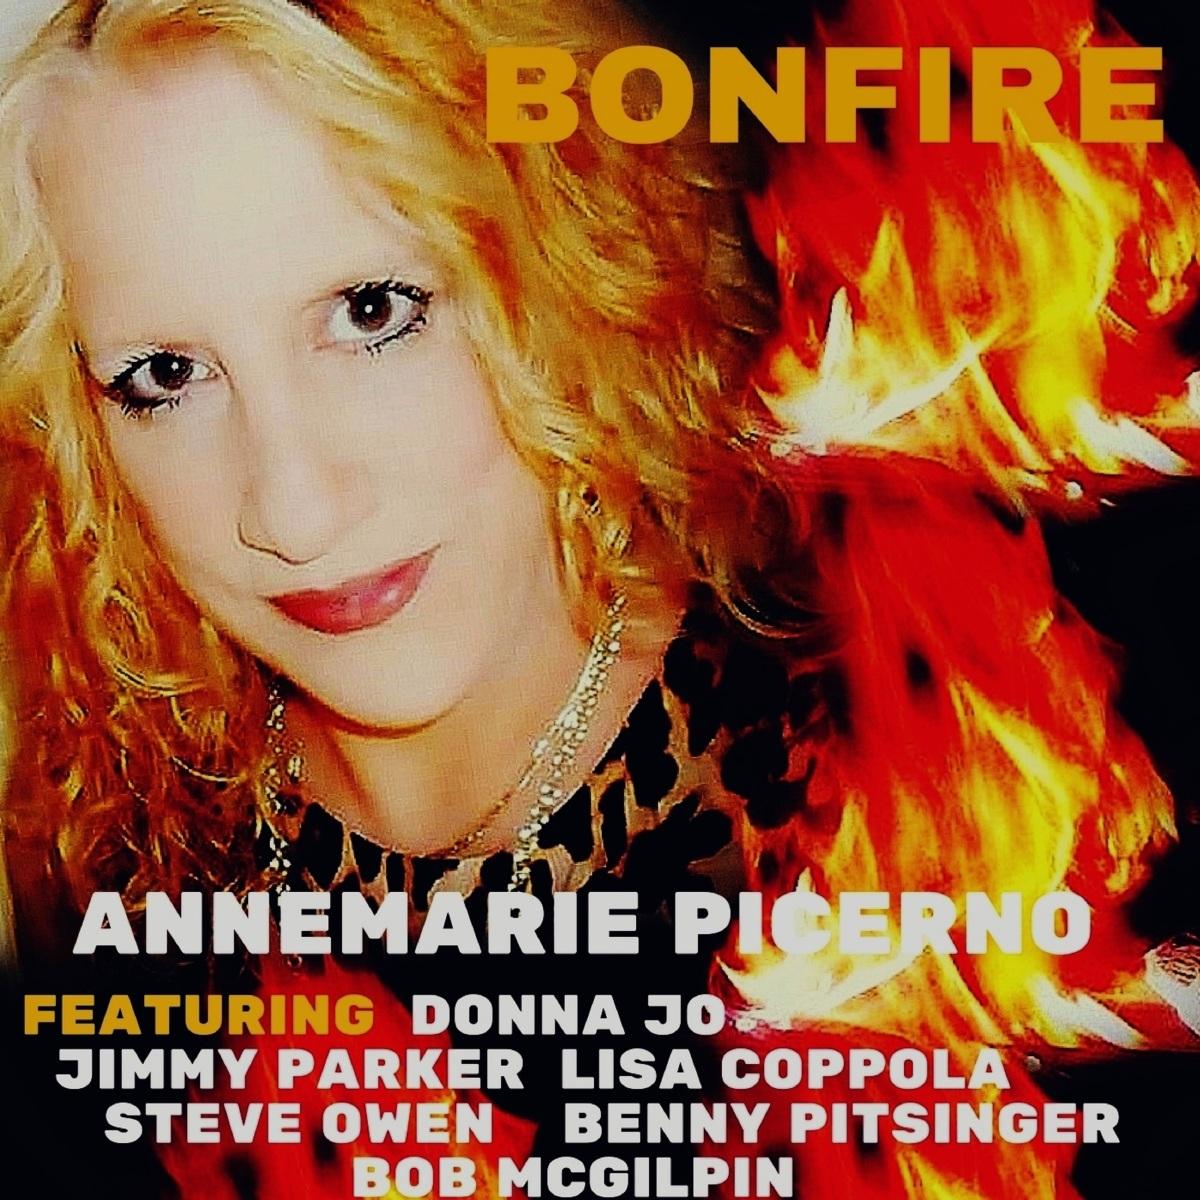 Annemarie Picerno